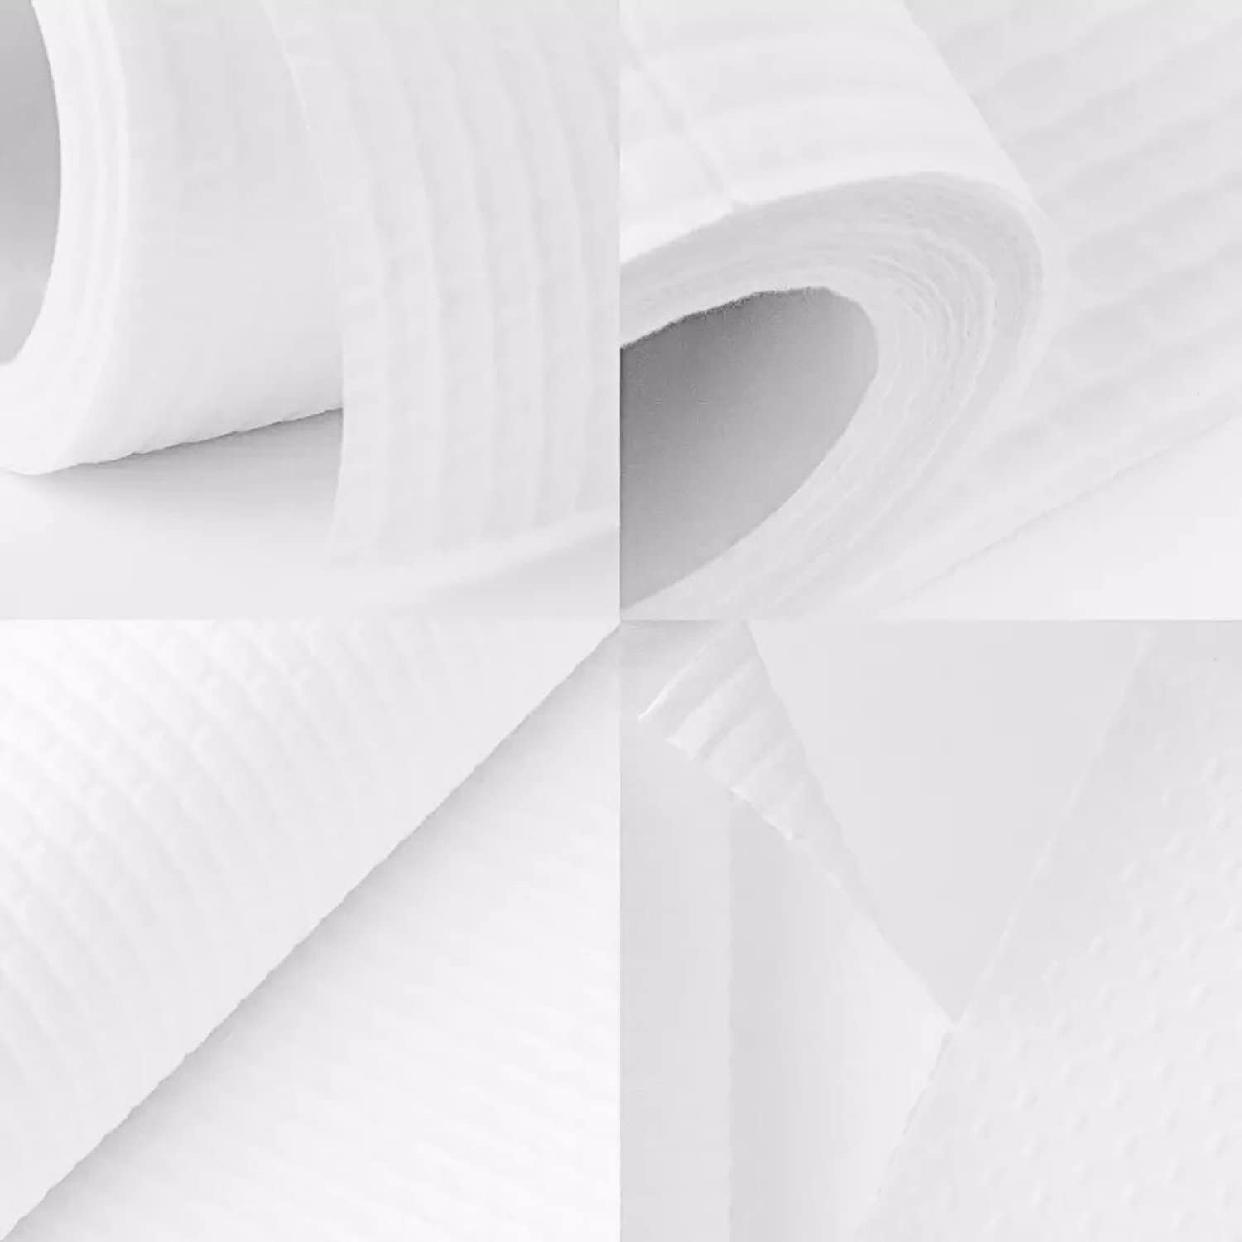 Triclean(トリクリーン) キッチンペーパー キッチンタオル 40カット×3ロールの商品画像3